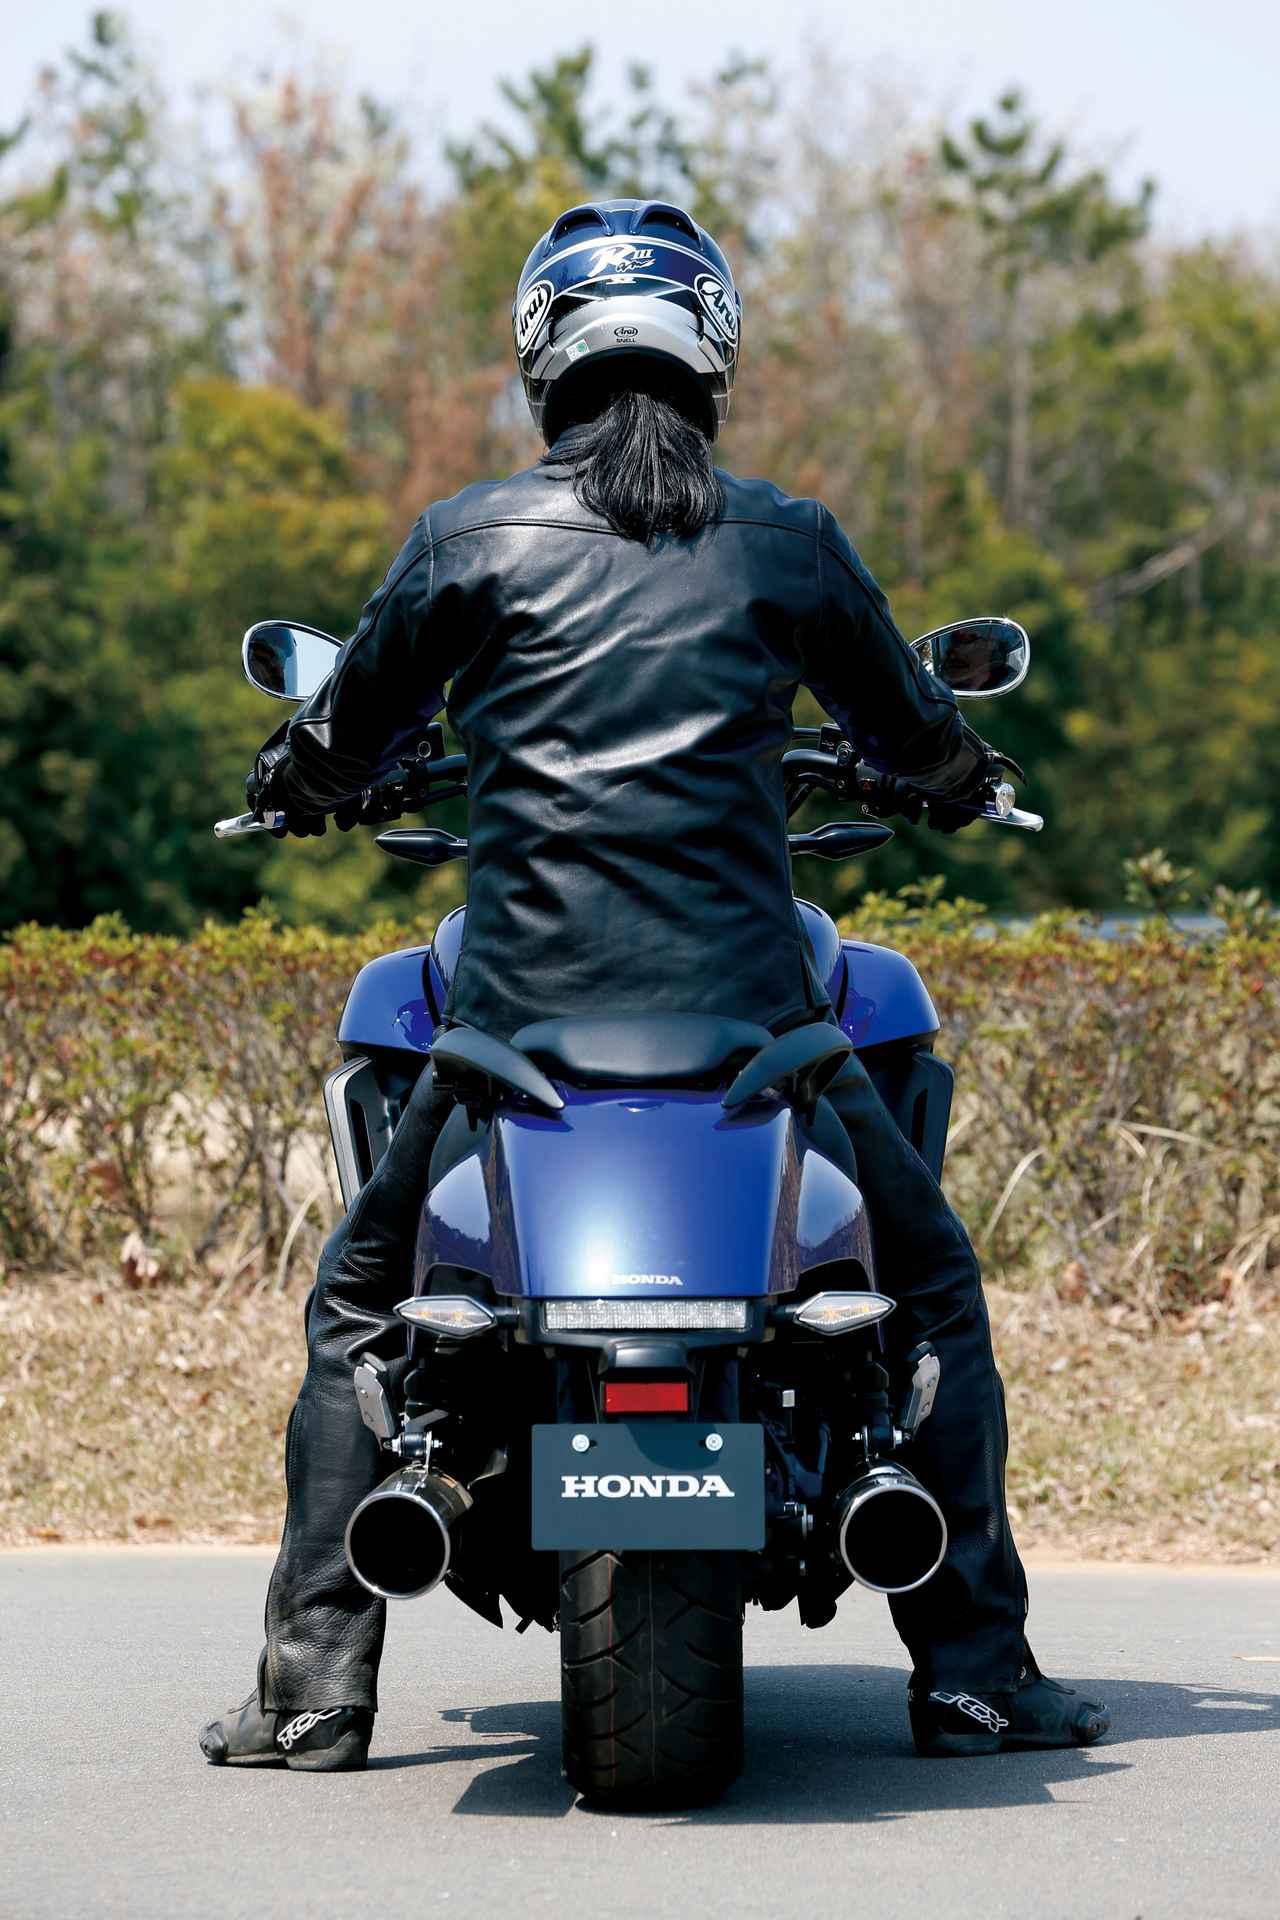 Images : 11番目の画像 - 「F6Cのデザインは「猛獣が獲物に襲いかかるイメージ」をモチーフにしている『HONDA GOLDWING F6C』(2014年)」のアルバム - webオートバイ